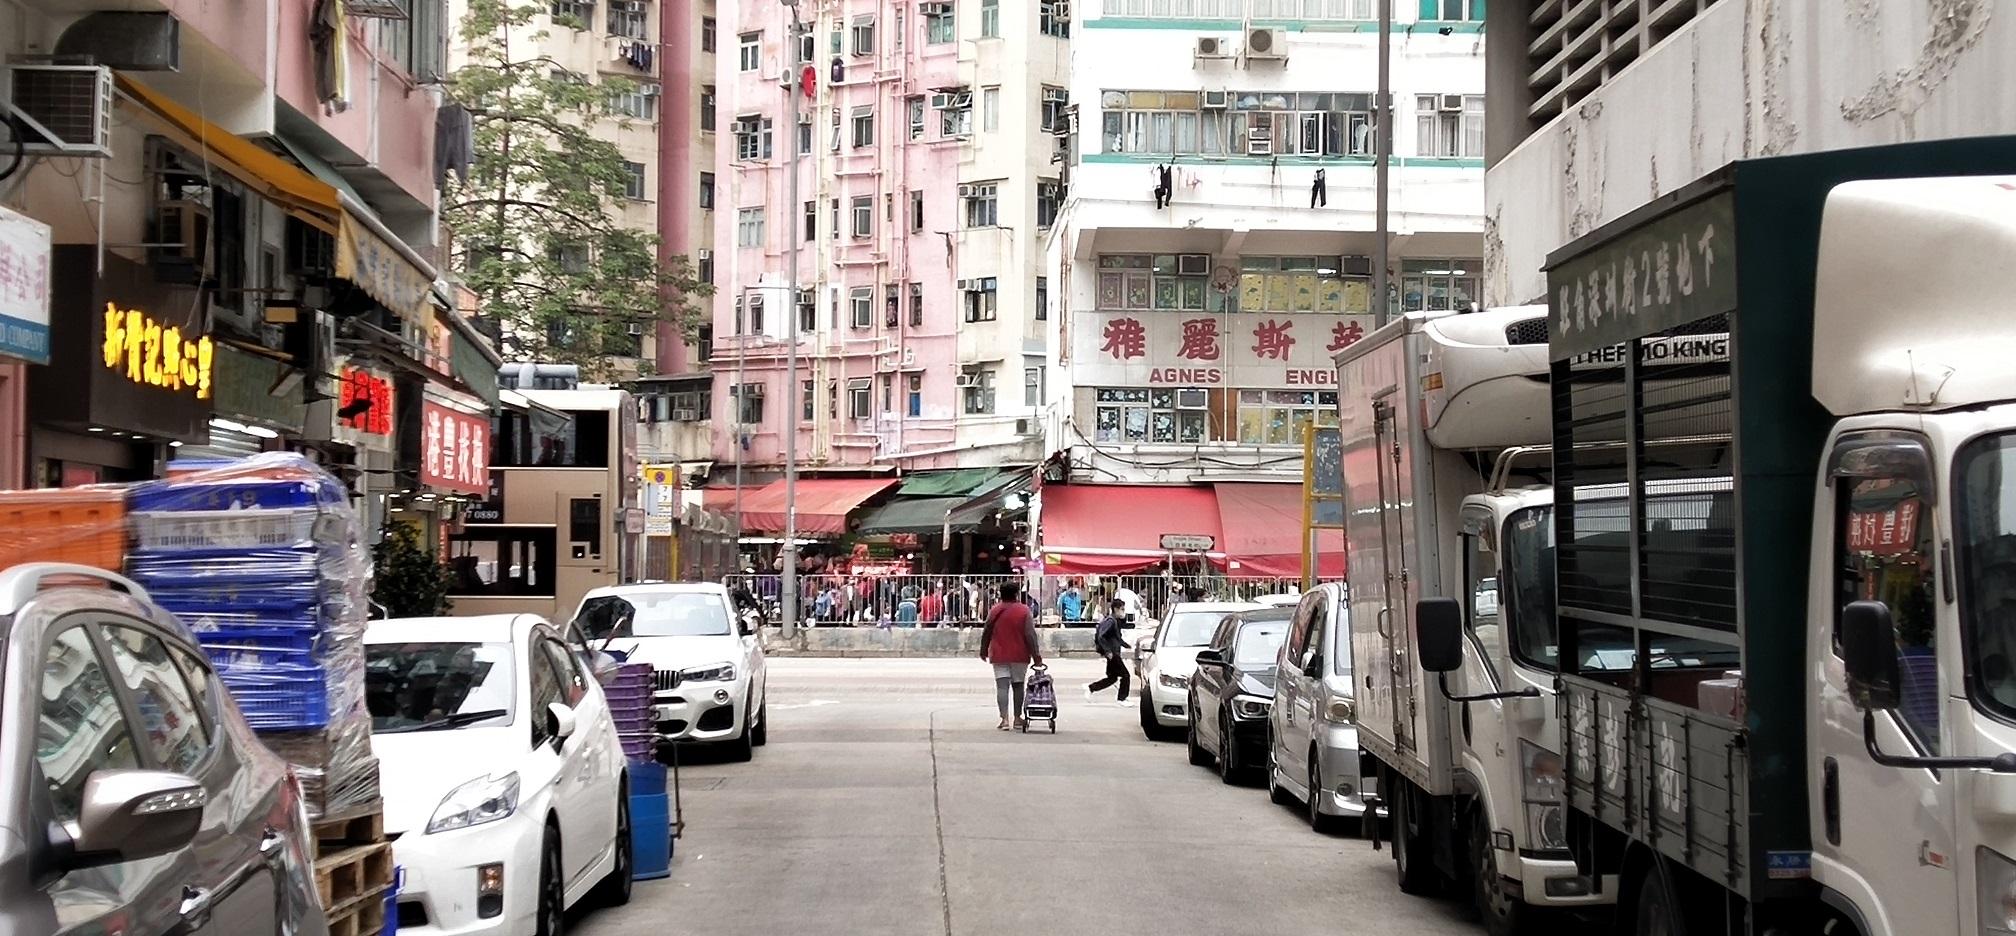 The short Sham Chun Street lies across the busy Argyle Street.